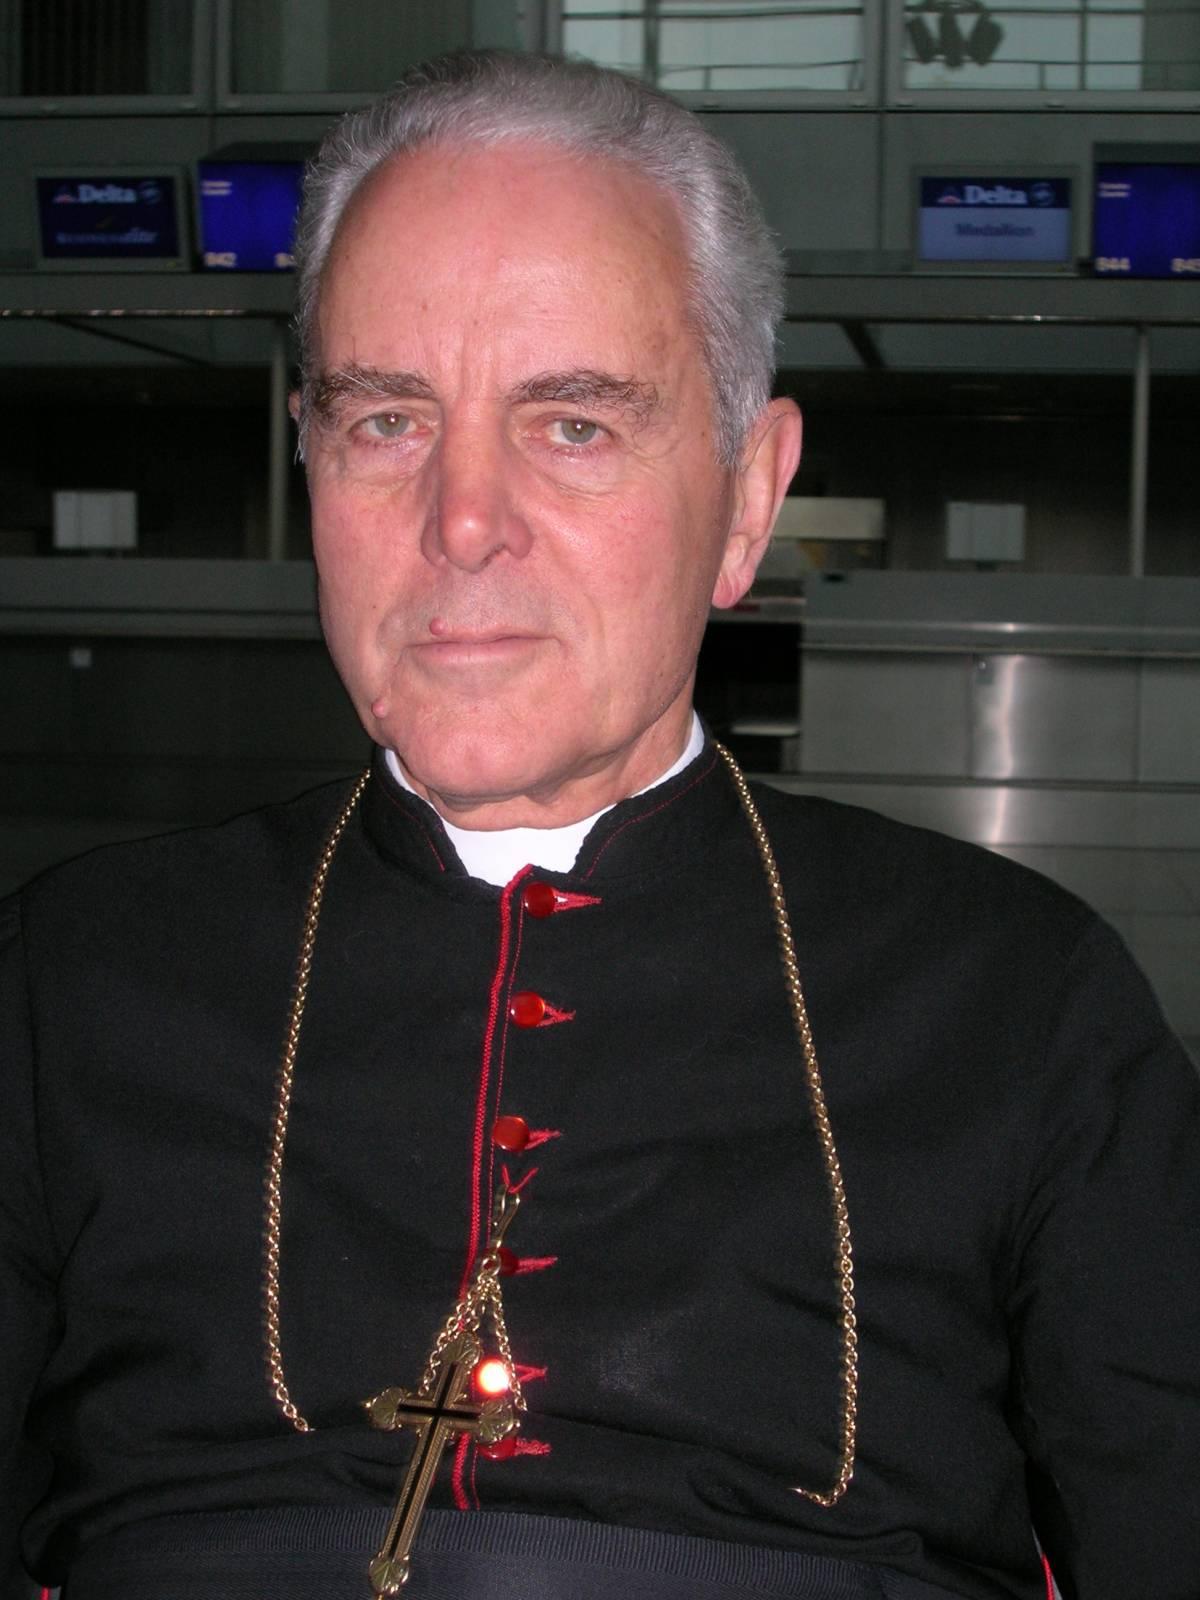 Gli ebrei all'attacco. E il Vaticano condanna il vescovo negazionista